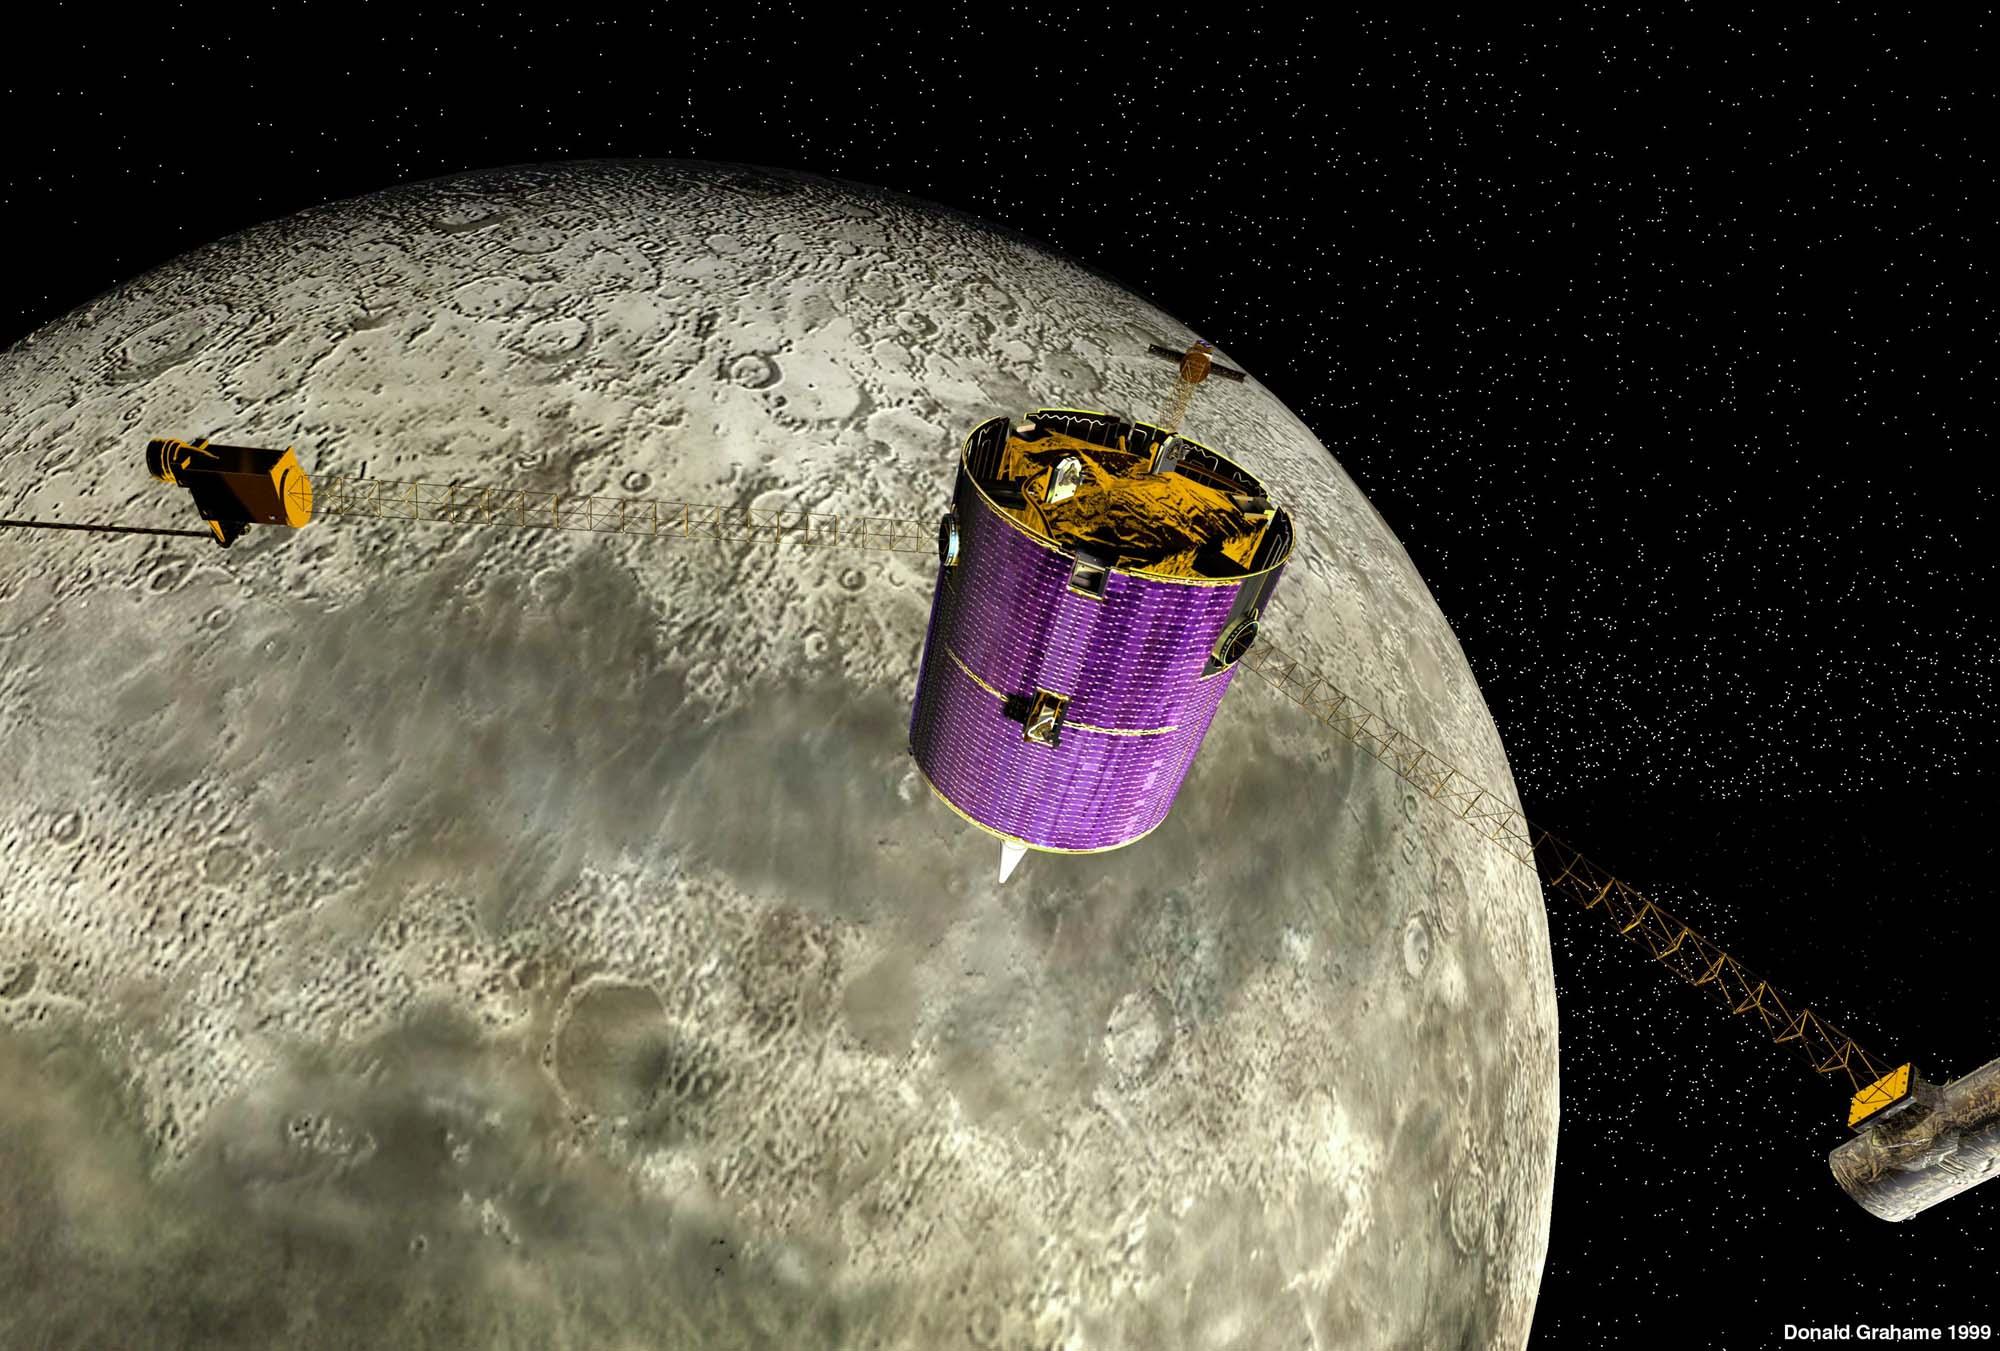 lunar prospector spacecraft - photo #19